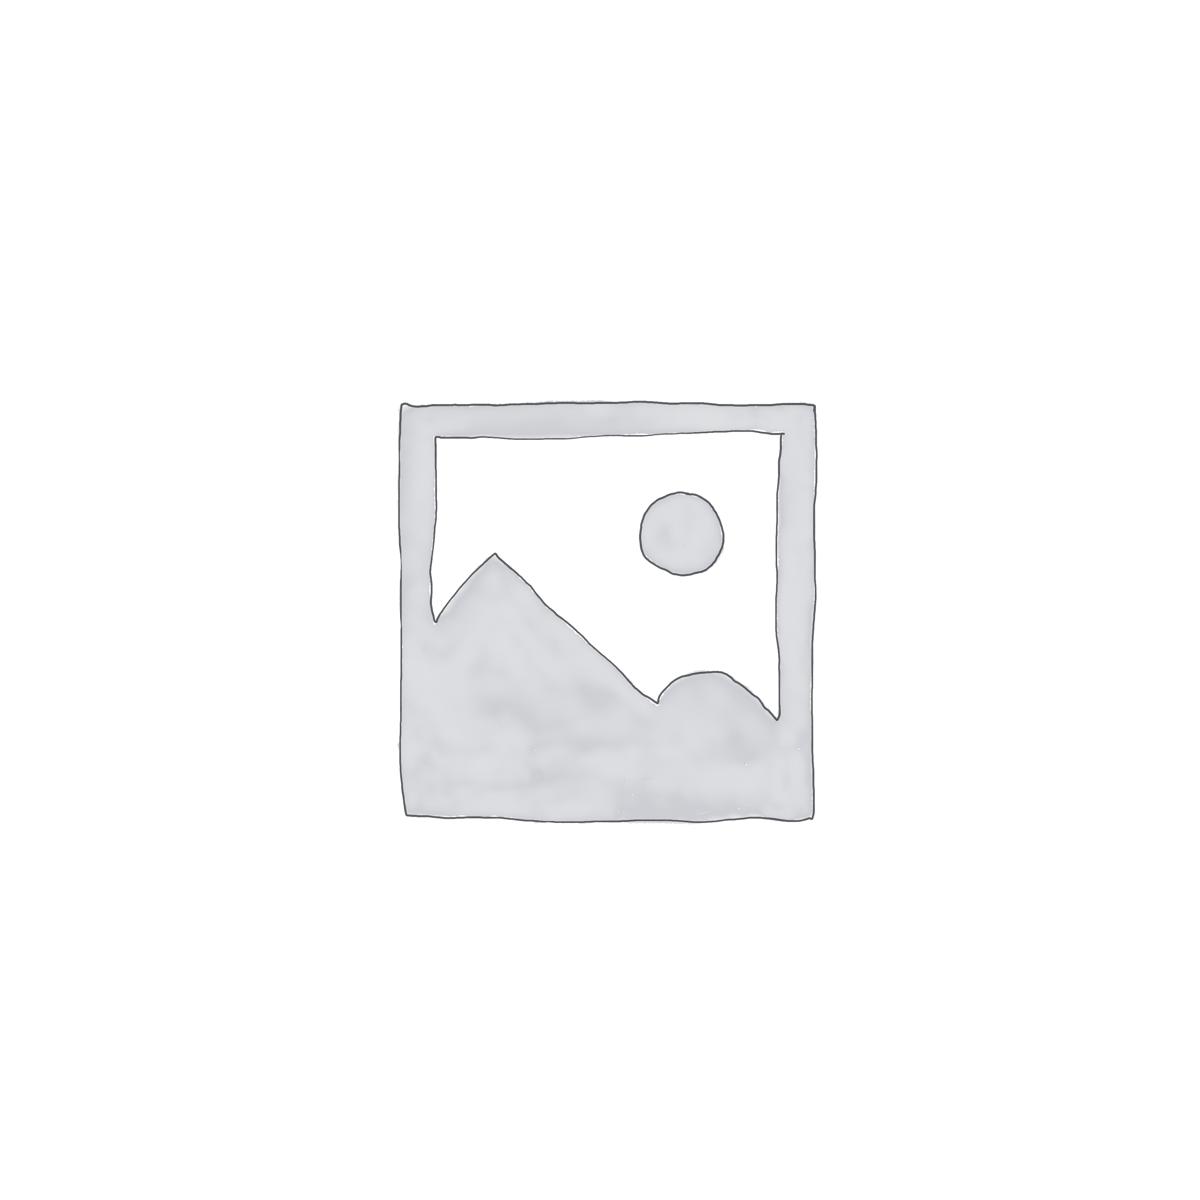 [Trekking] Tour trọn gói đỉnh Pinhatt Đà Lạt mới nhất 1 ngày